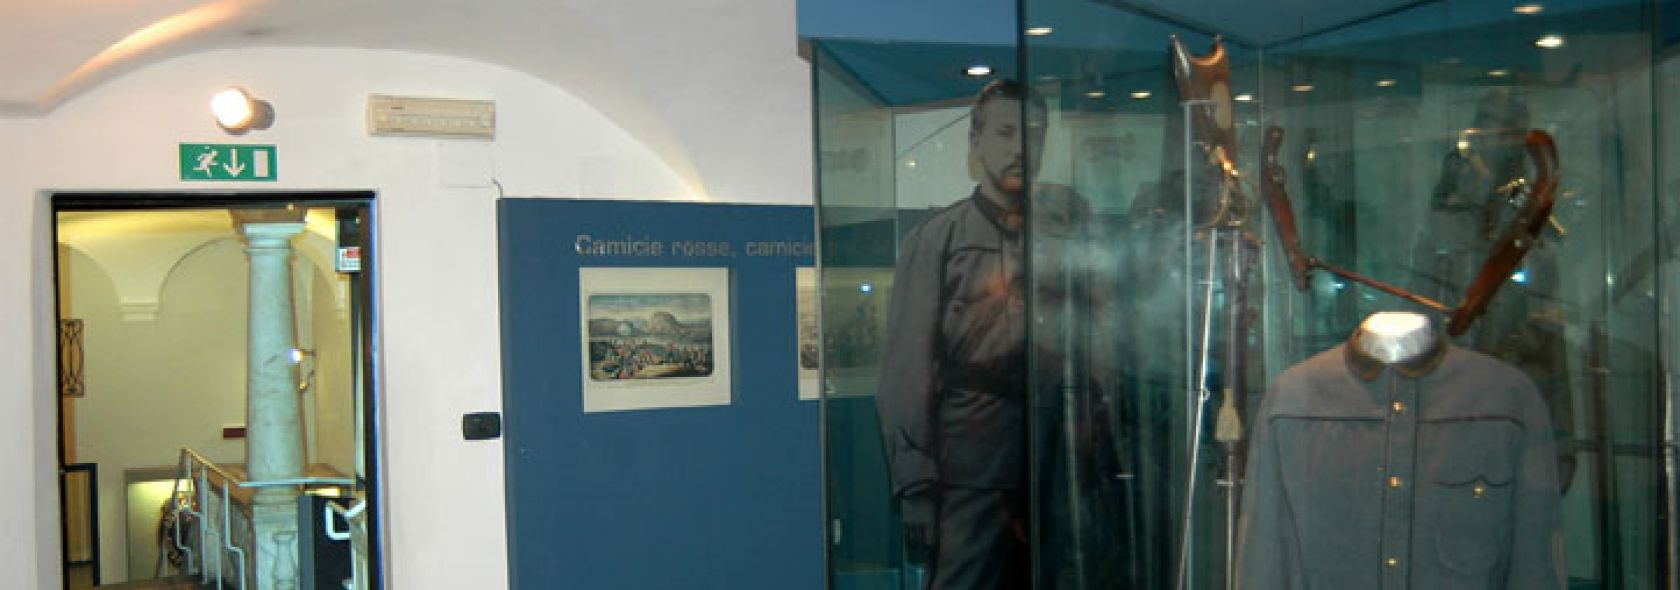 Museo del Risorgimento - sala divise